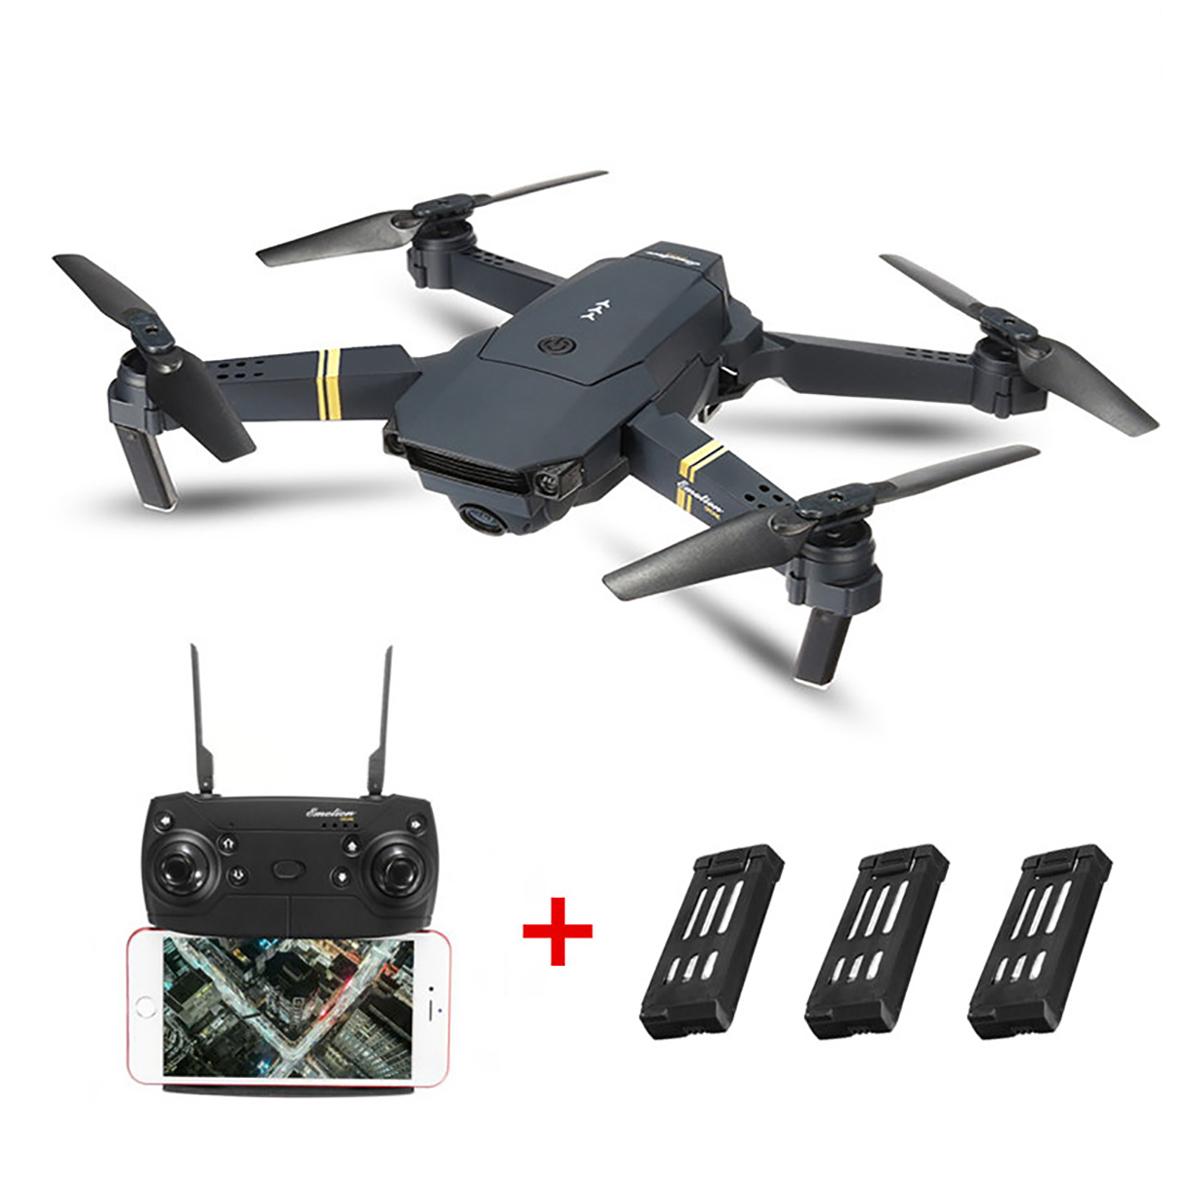 Eachine-E58-WIFI-FPV-2-4G-4CH-mit-720P-HD-Kamera-Quadcopter-Drone-Quadcopter-RTF